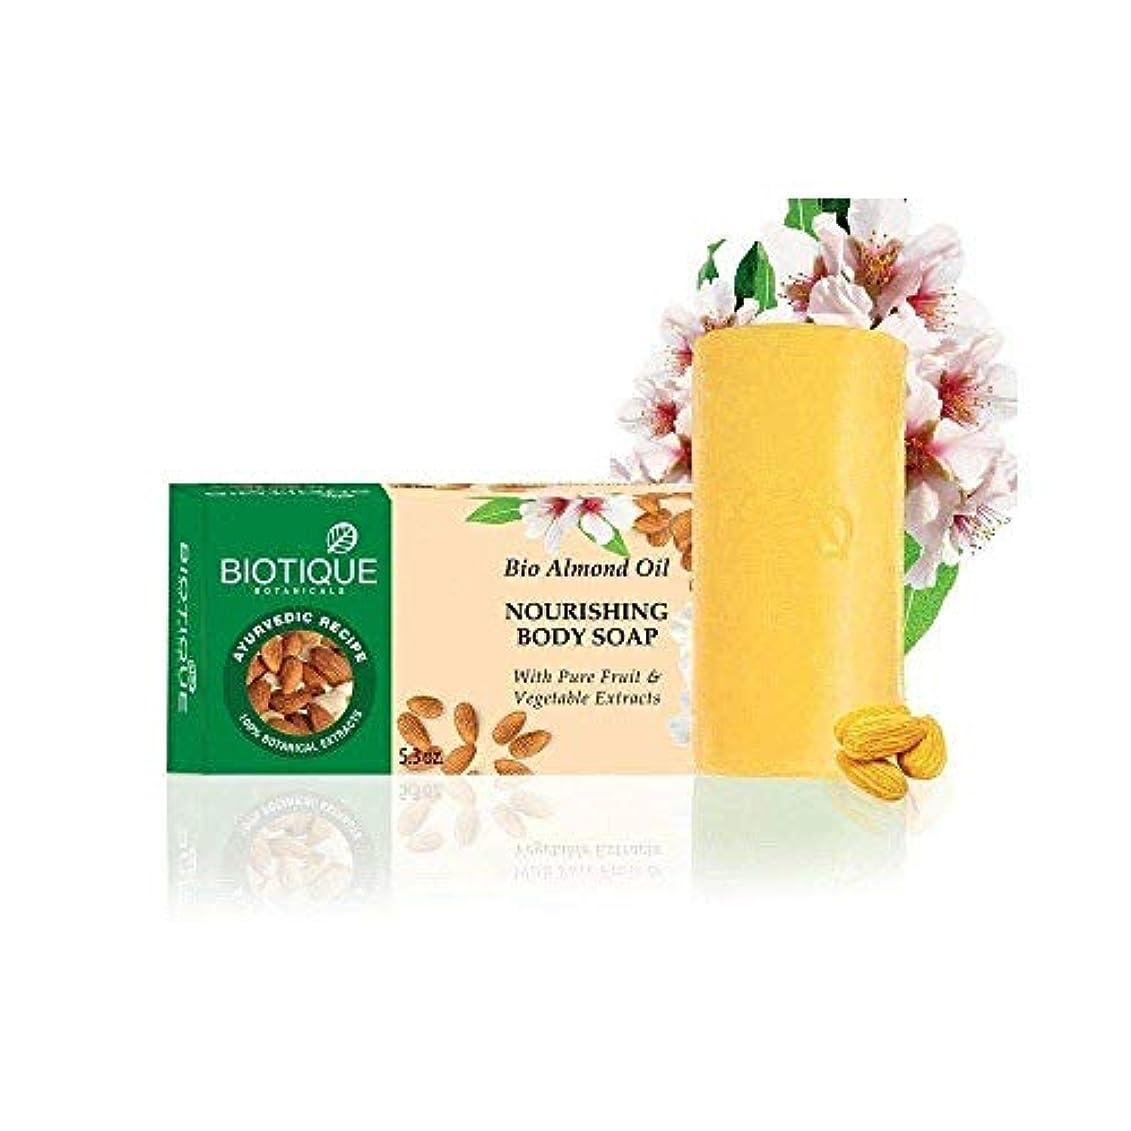 高度な翻訳バリケードBiotique Bio Almond Oil Nourishing Body Soap - 150g (Pack of 2) wash Impurities Biotique Bio Almond Oilナリッシングボディソープ...